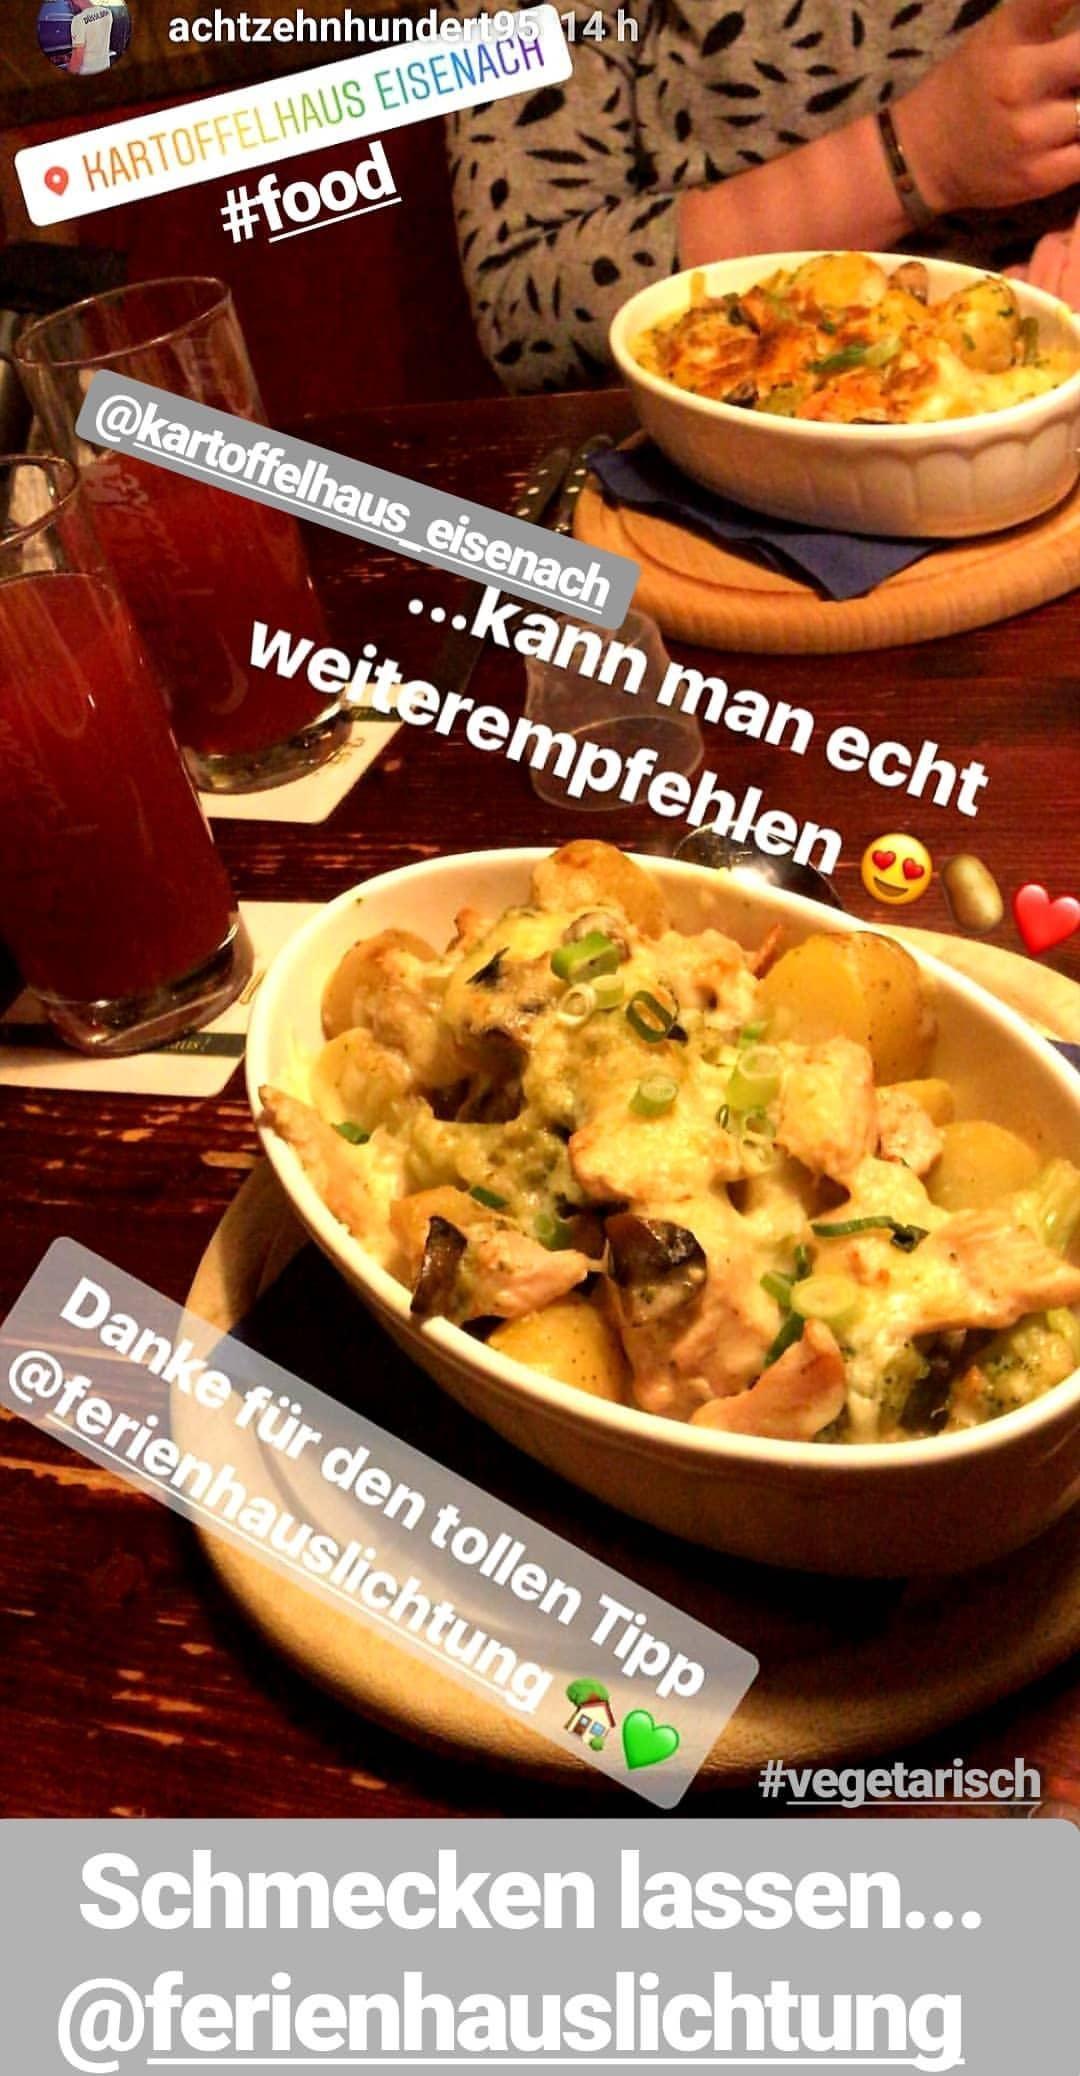 Vegetarische Speisen vom Feinsten...im Kartoffelhaus in